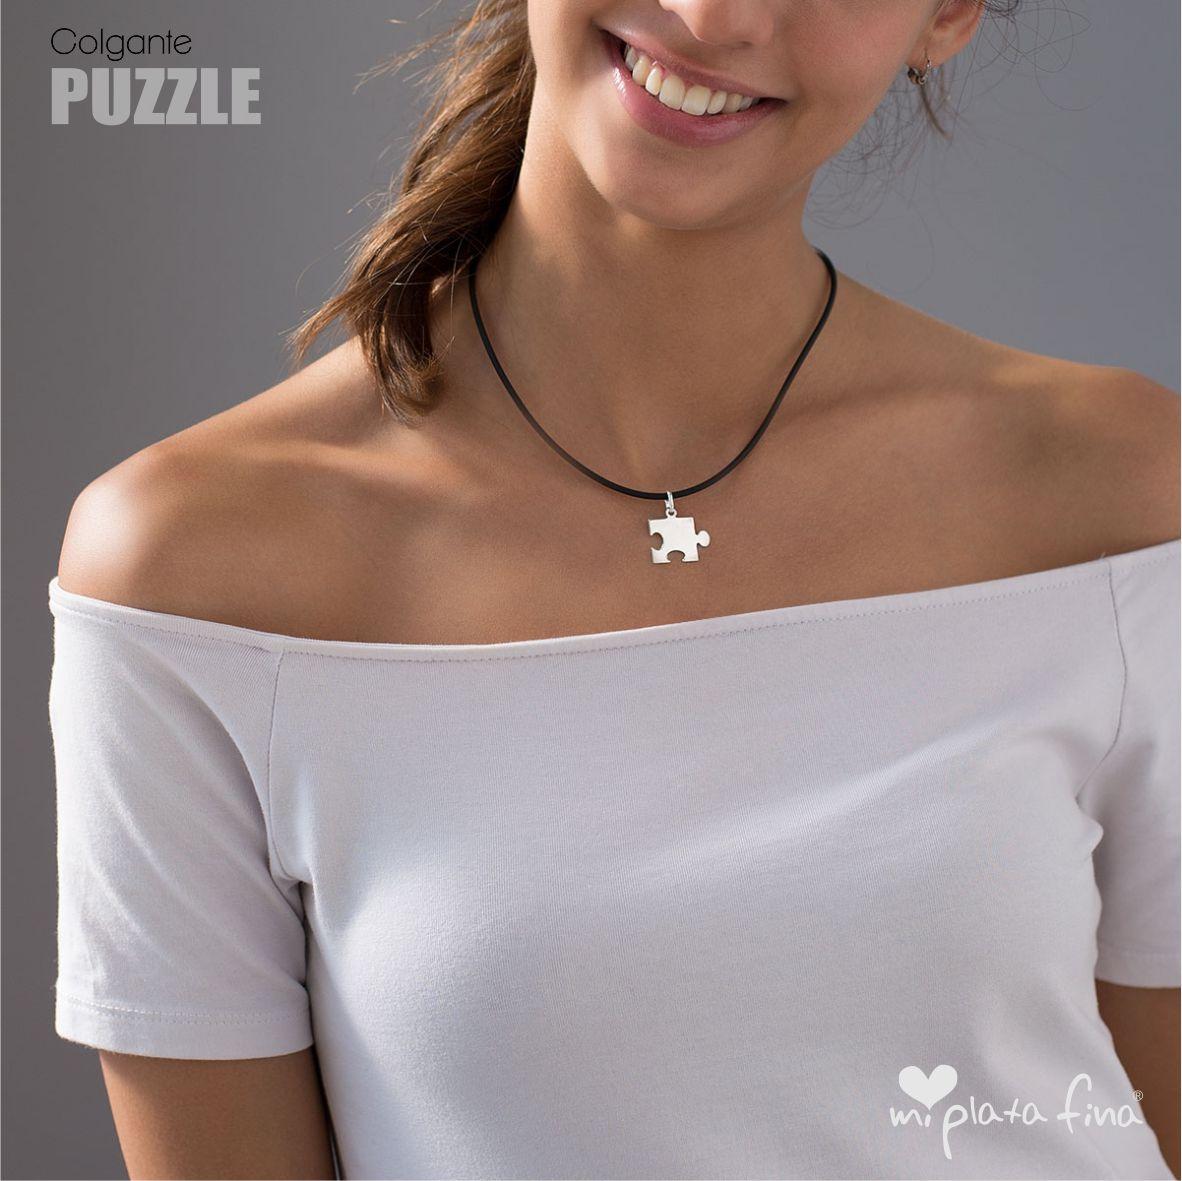 fecha de lanzamiento: buena calidad 60% de descuento Colgante + Collar Puzzle con Grabado Personalizado